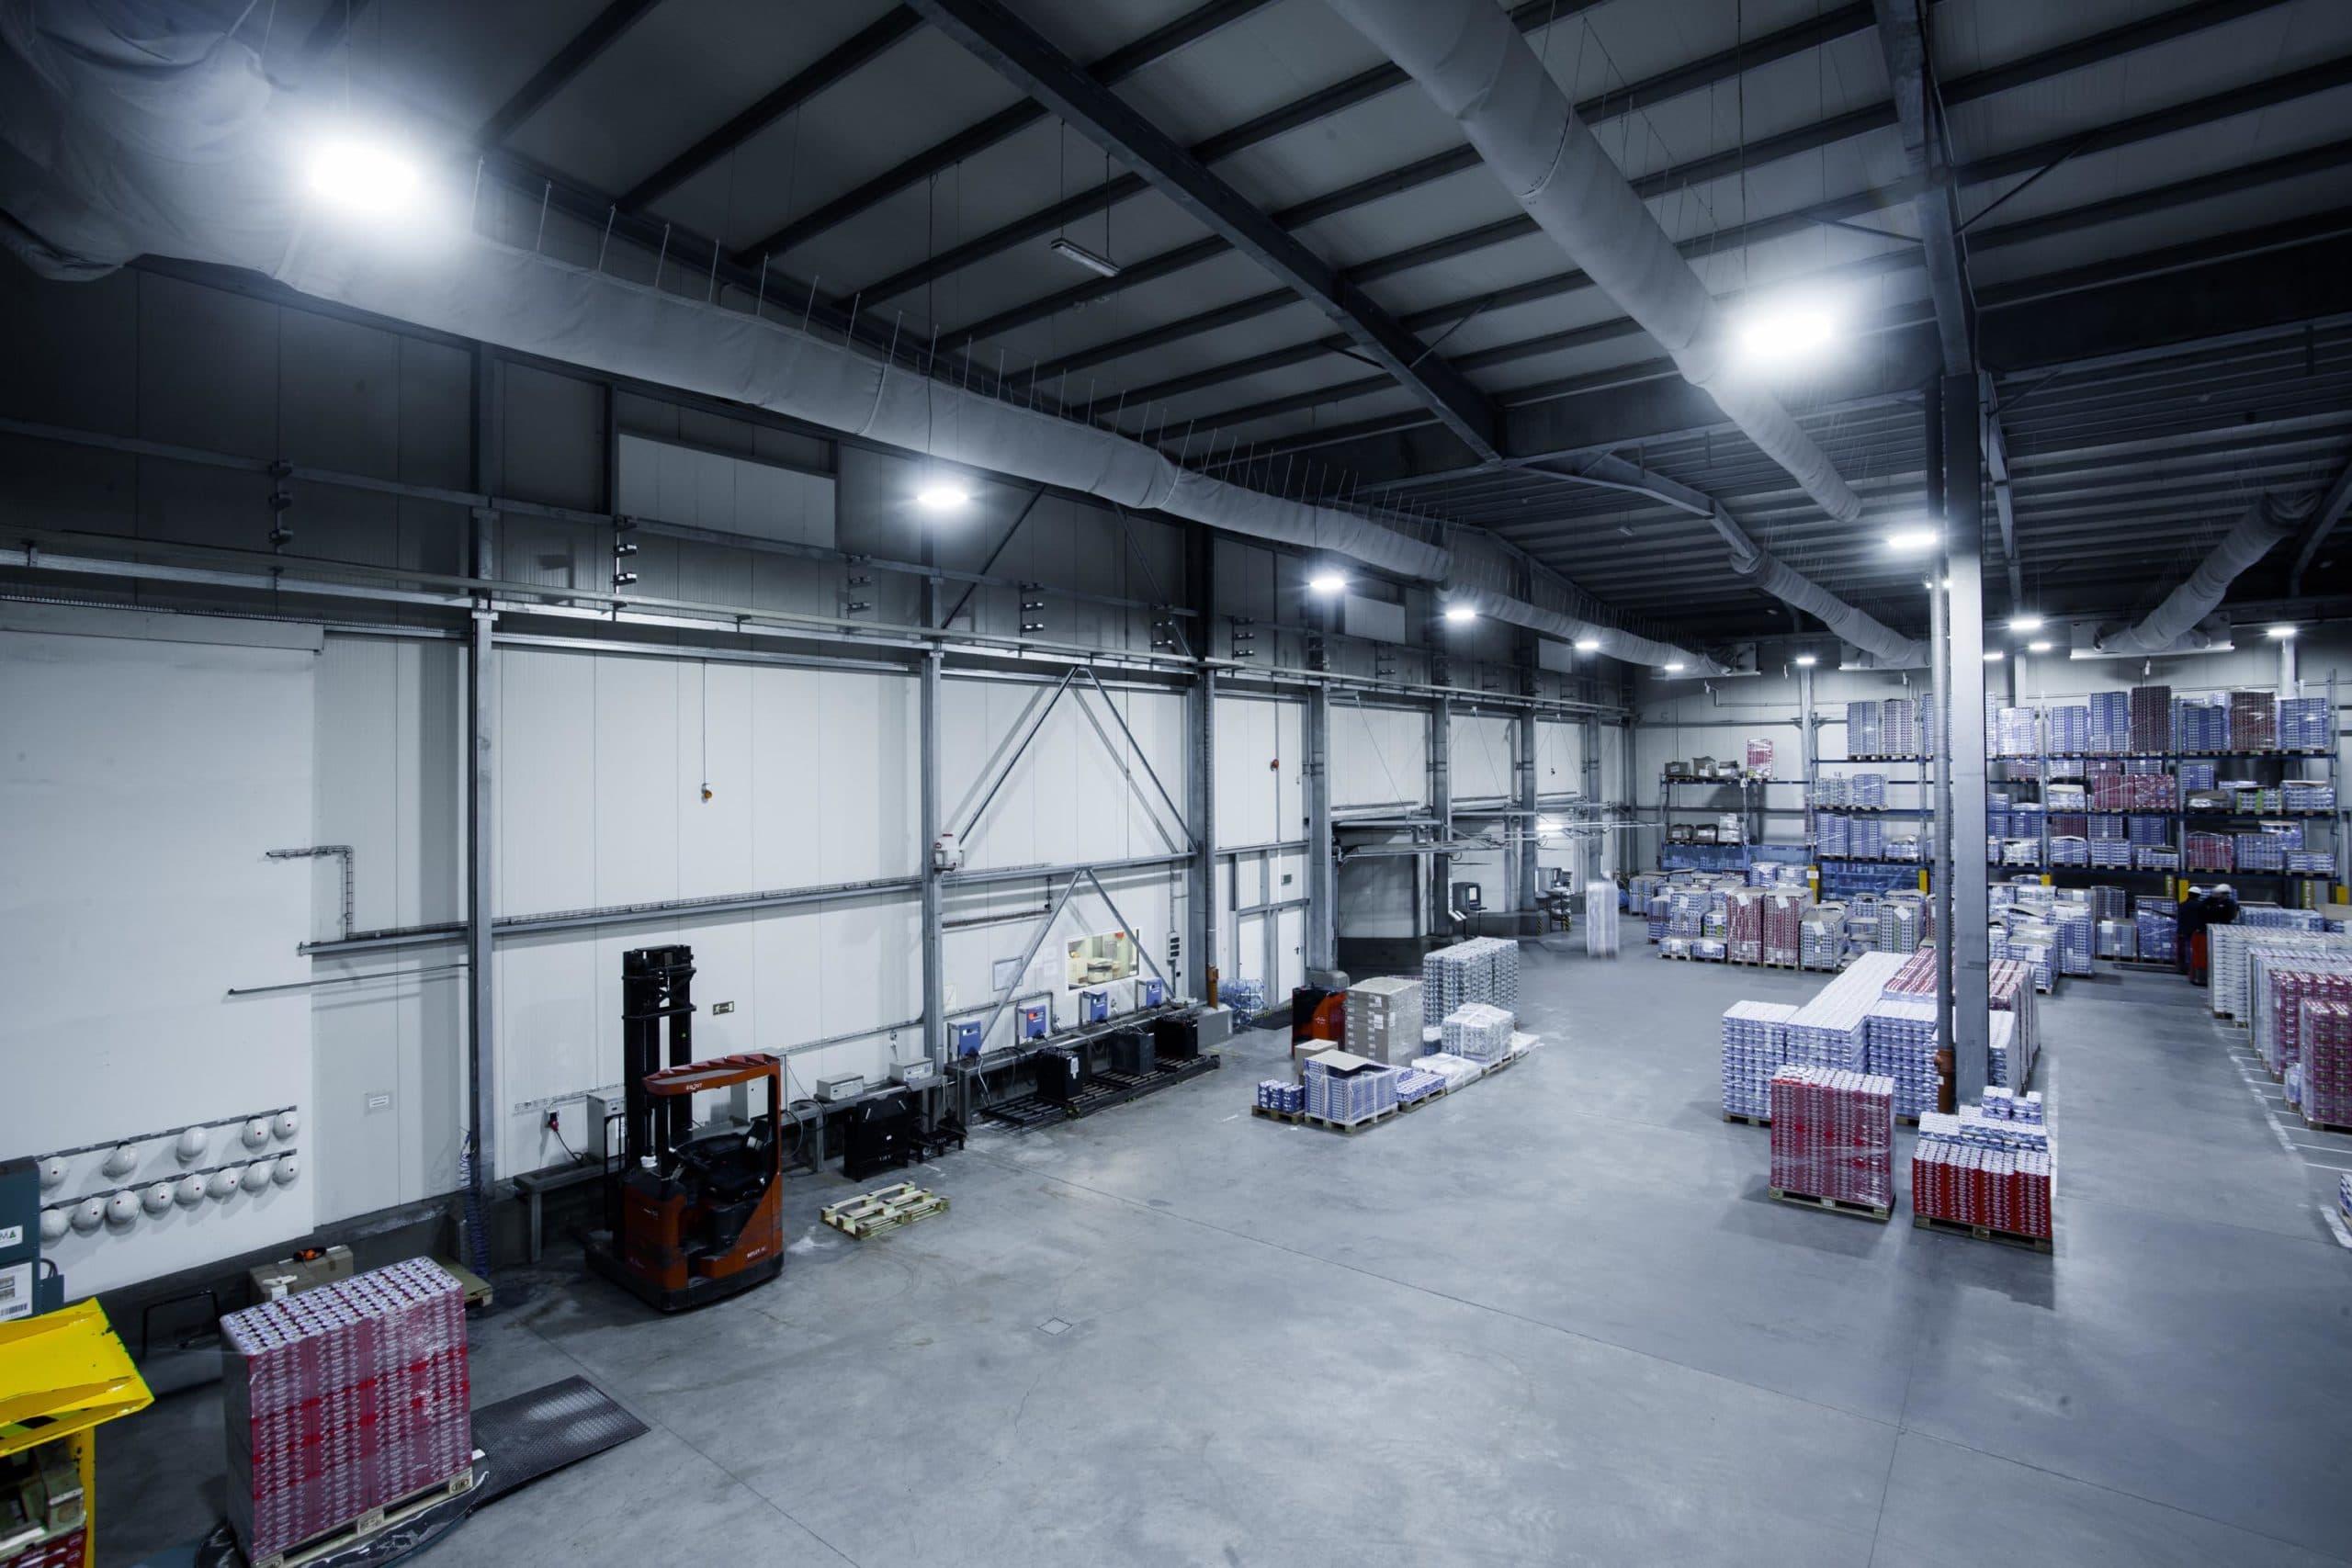 Zmodernizowany zakłąd produkcyjny firmy Zott z oprawami Highbay - Luxon LED